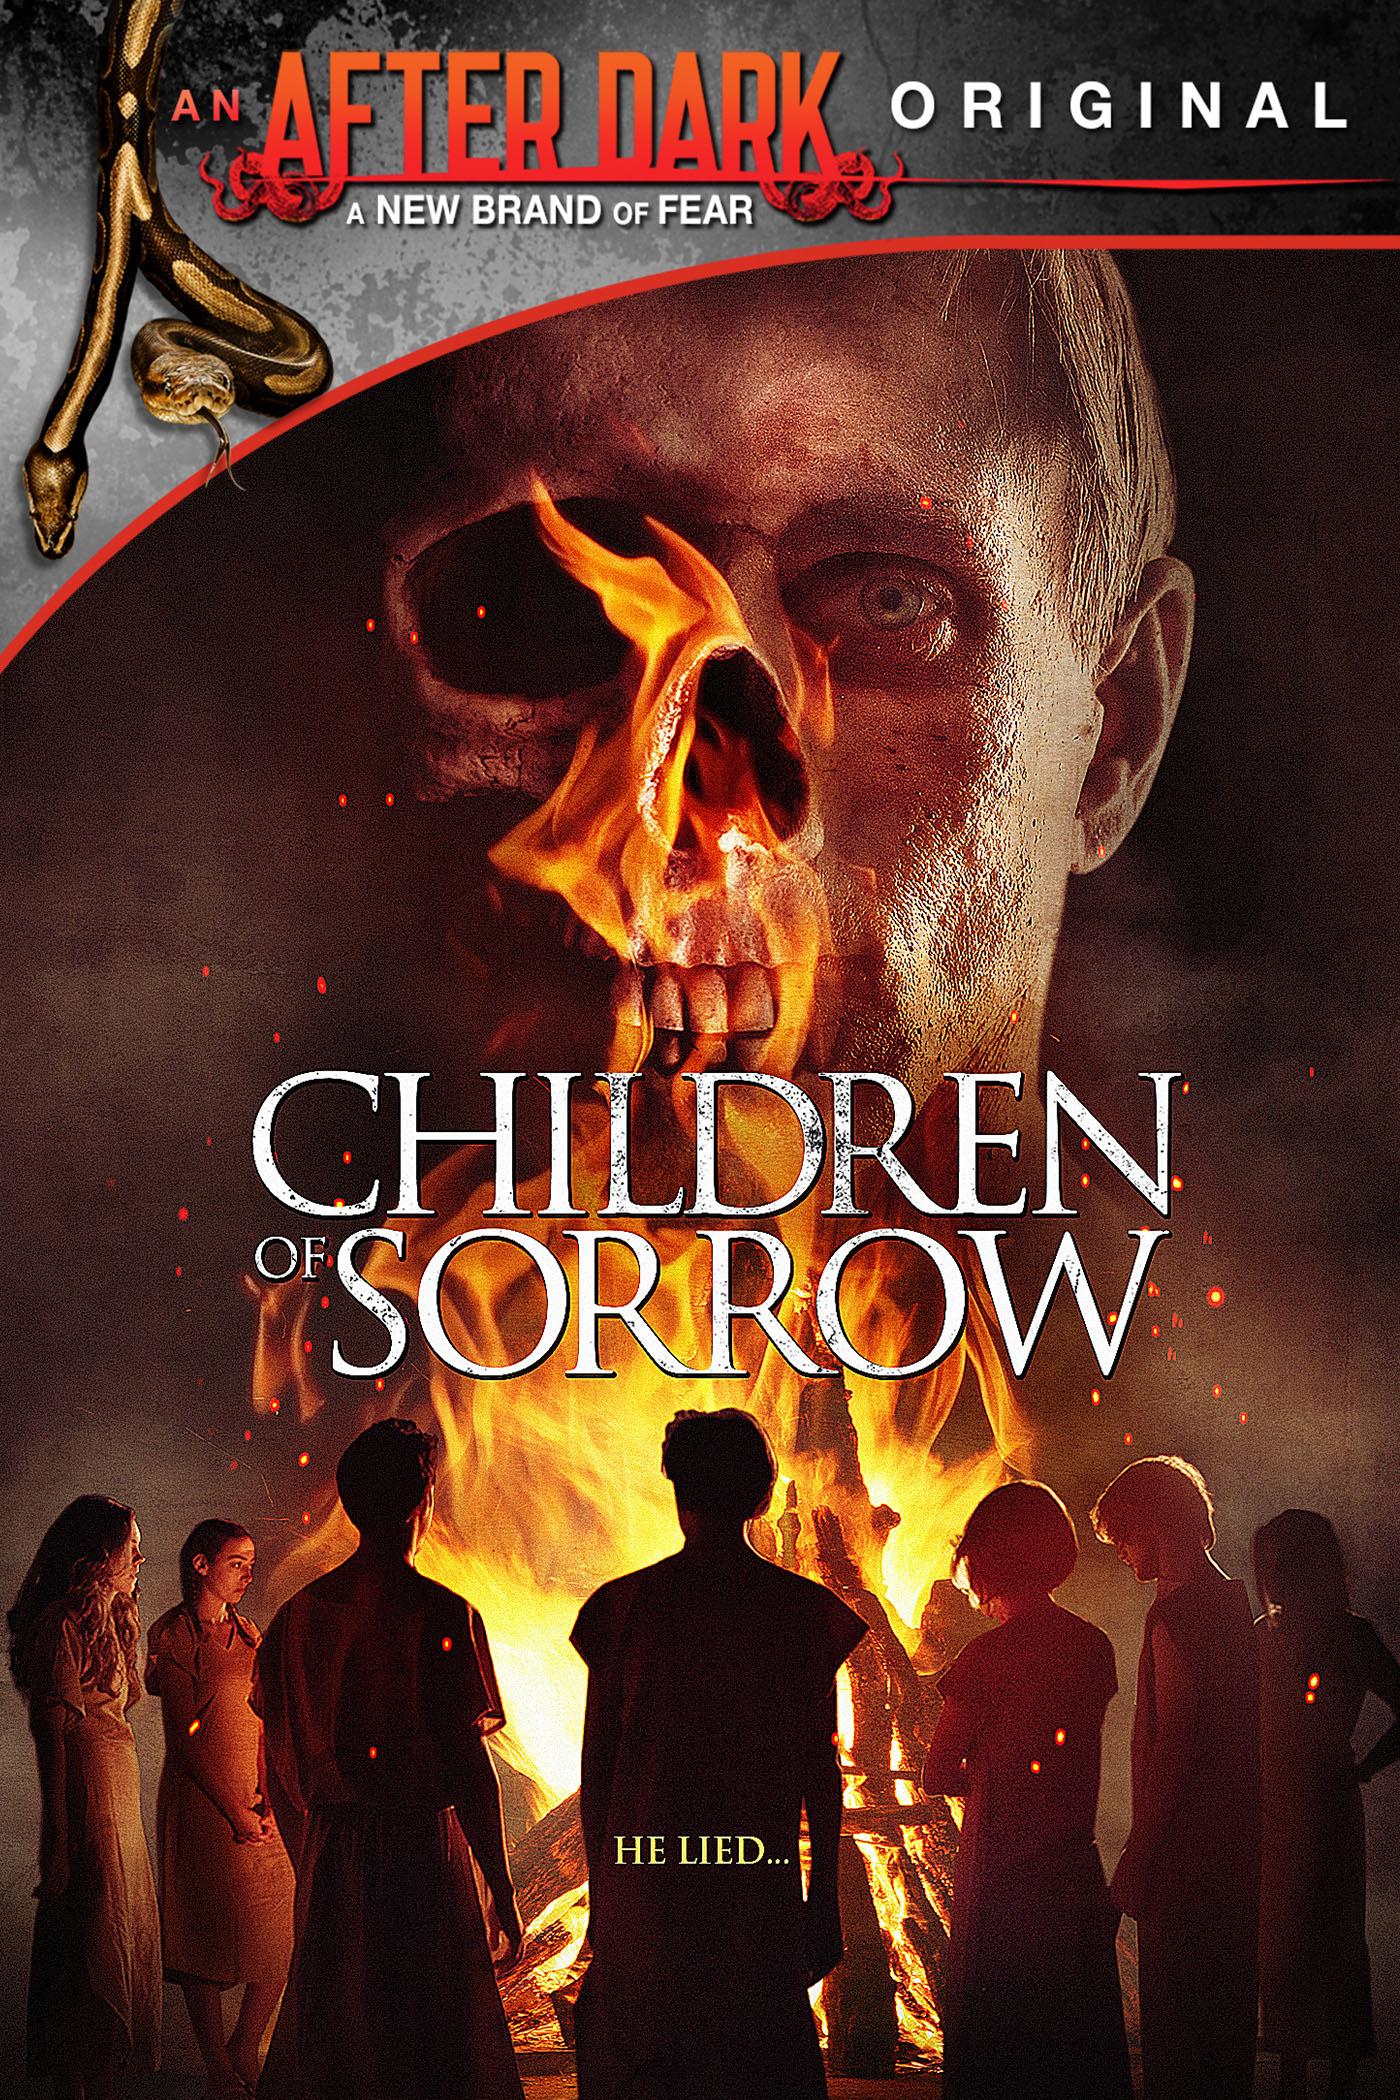 After Dark: Children Of Sorrow